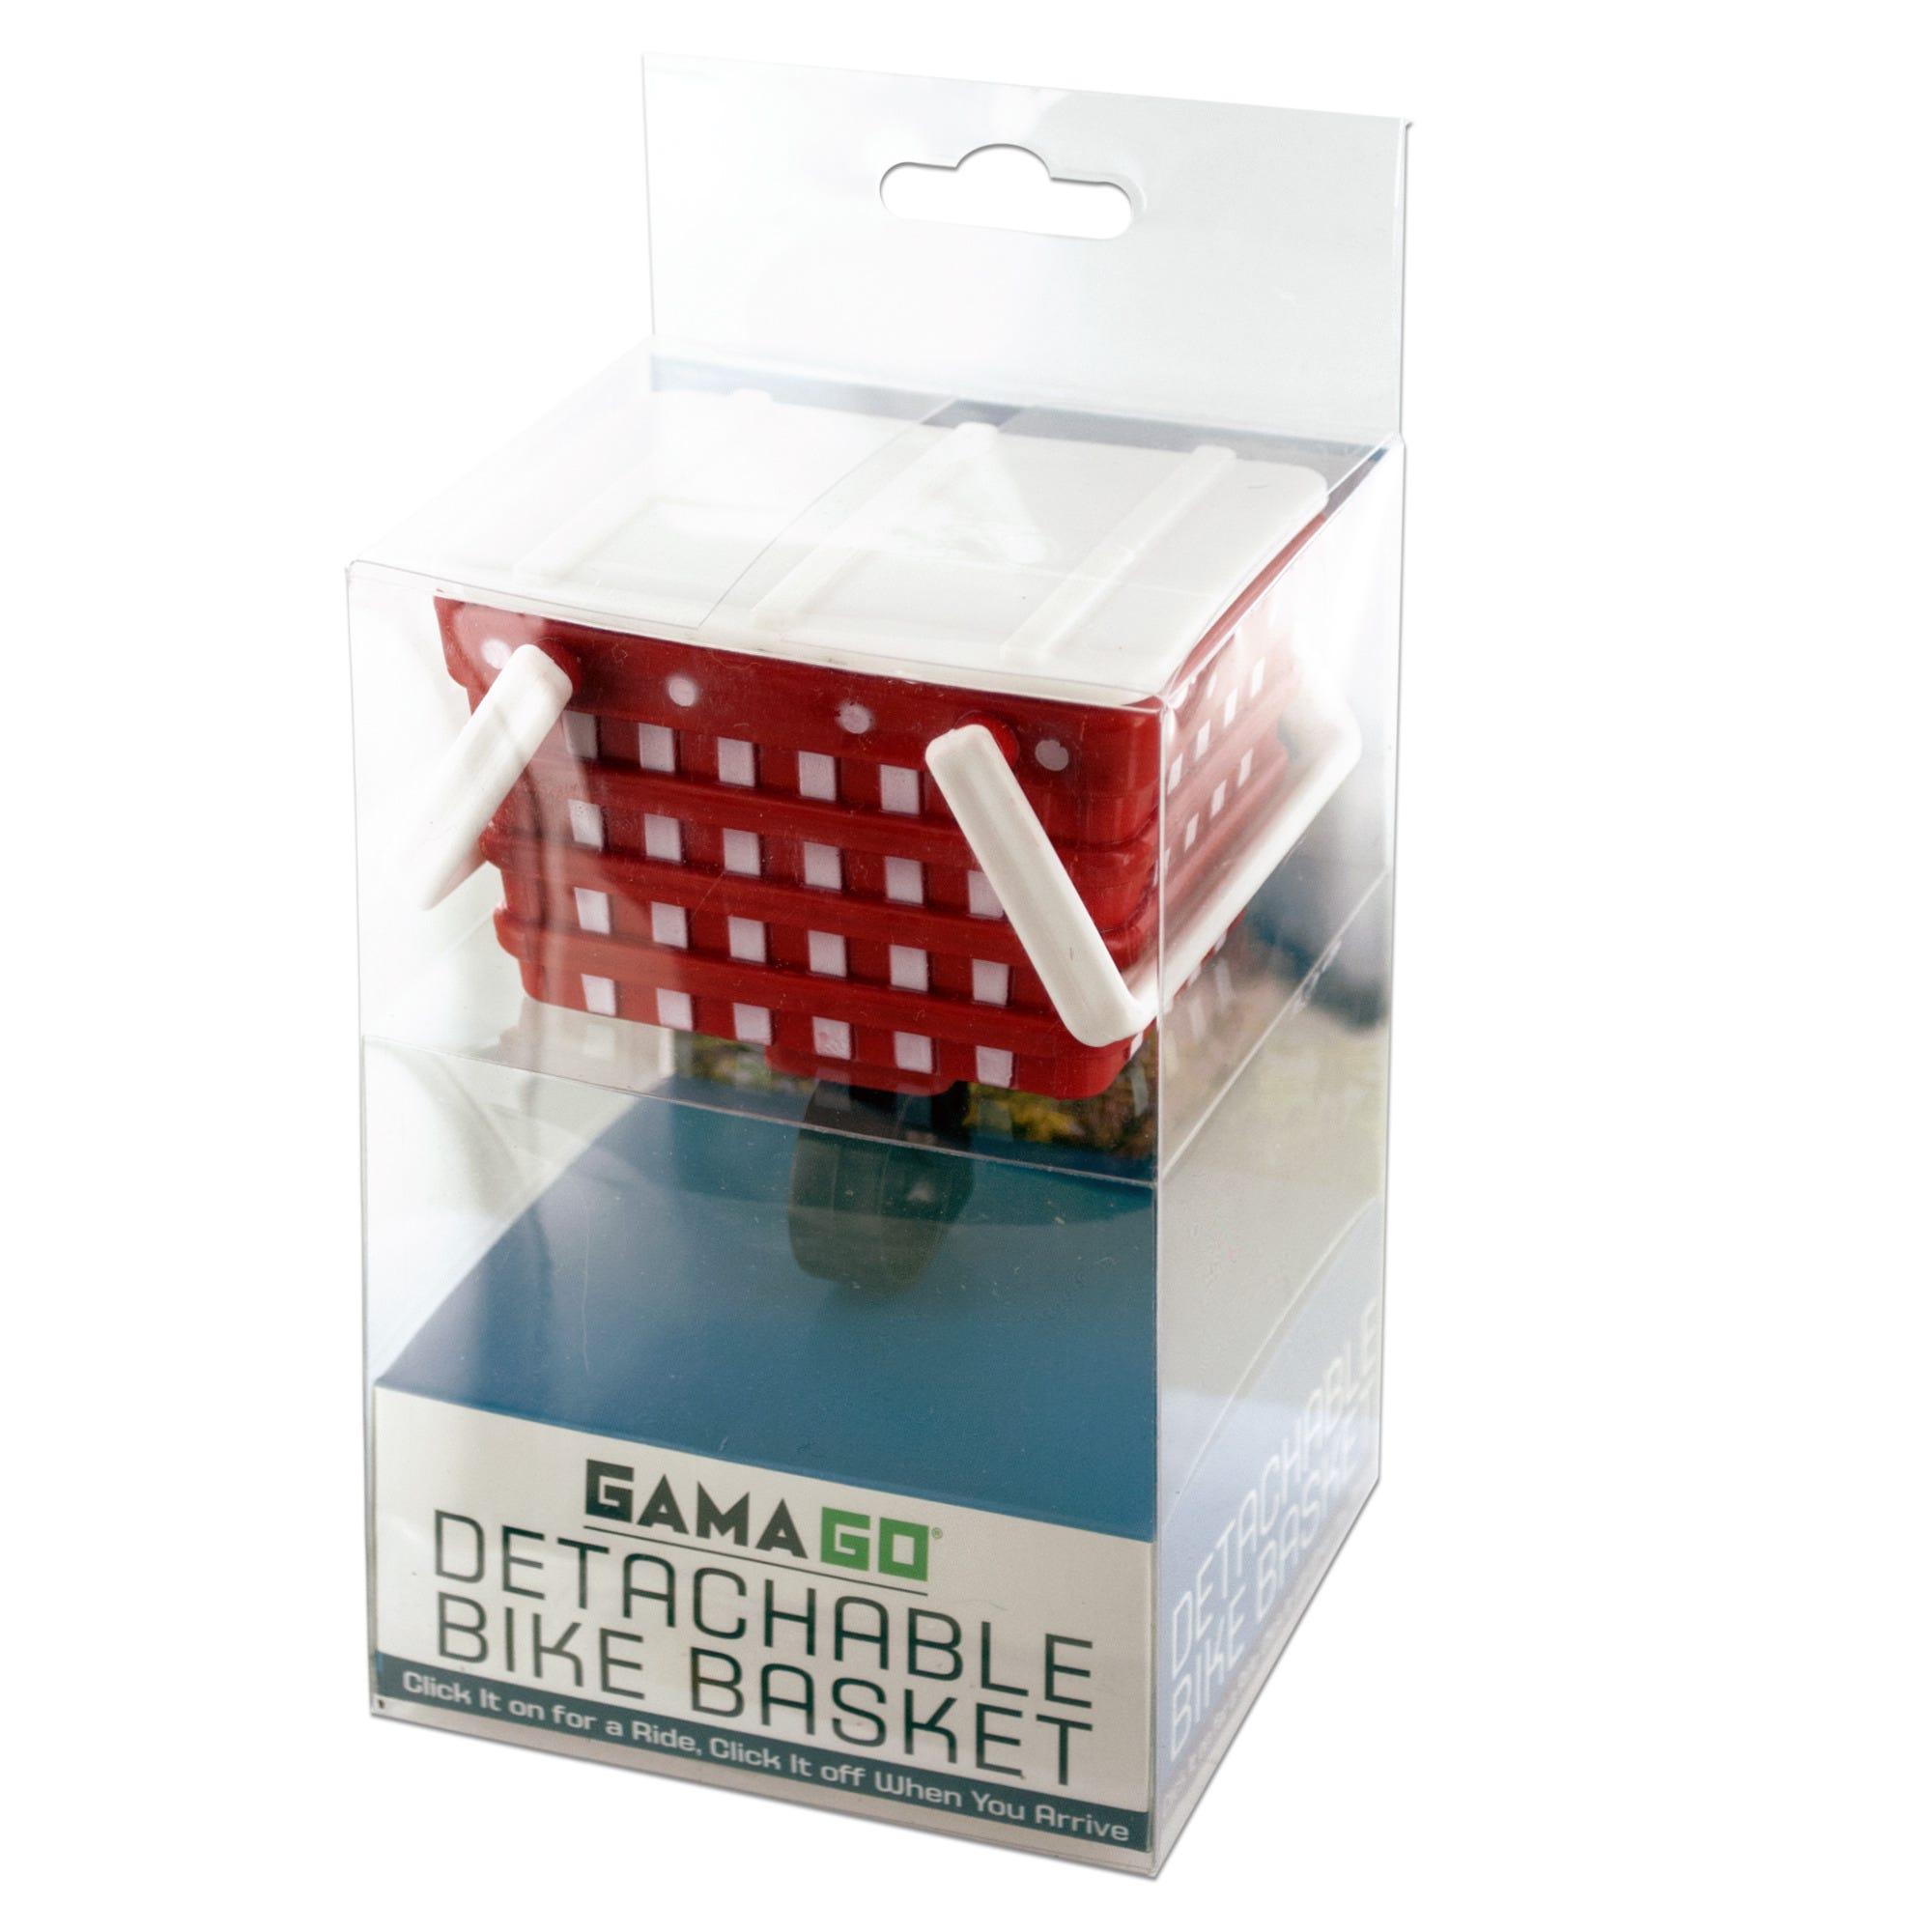 Mini Detachable Bike Basket- Qty 18